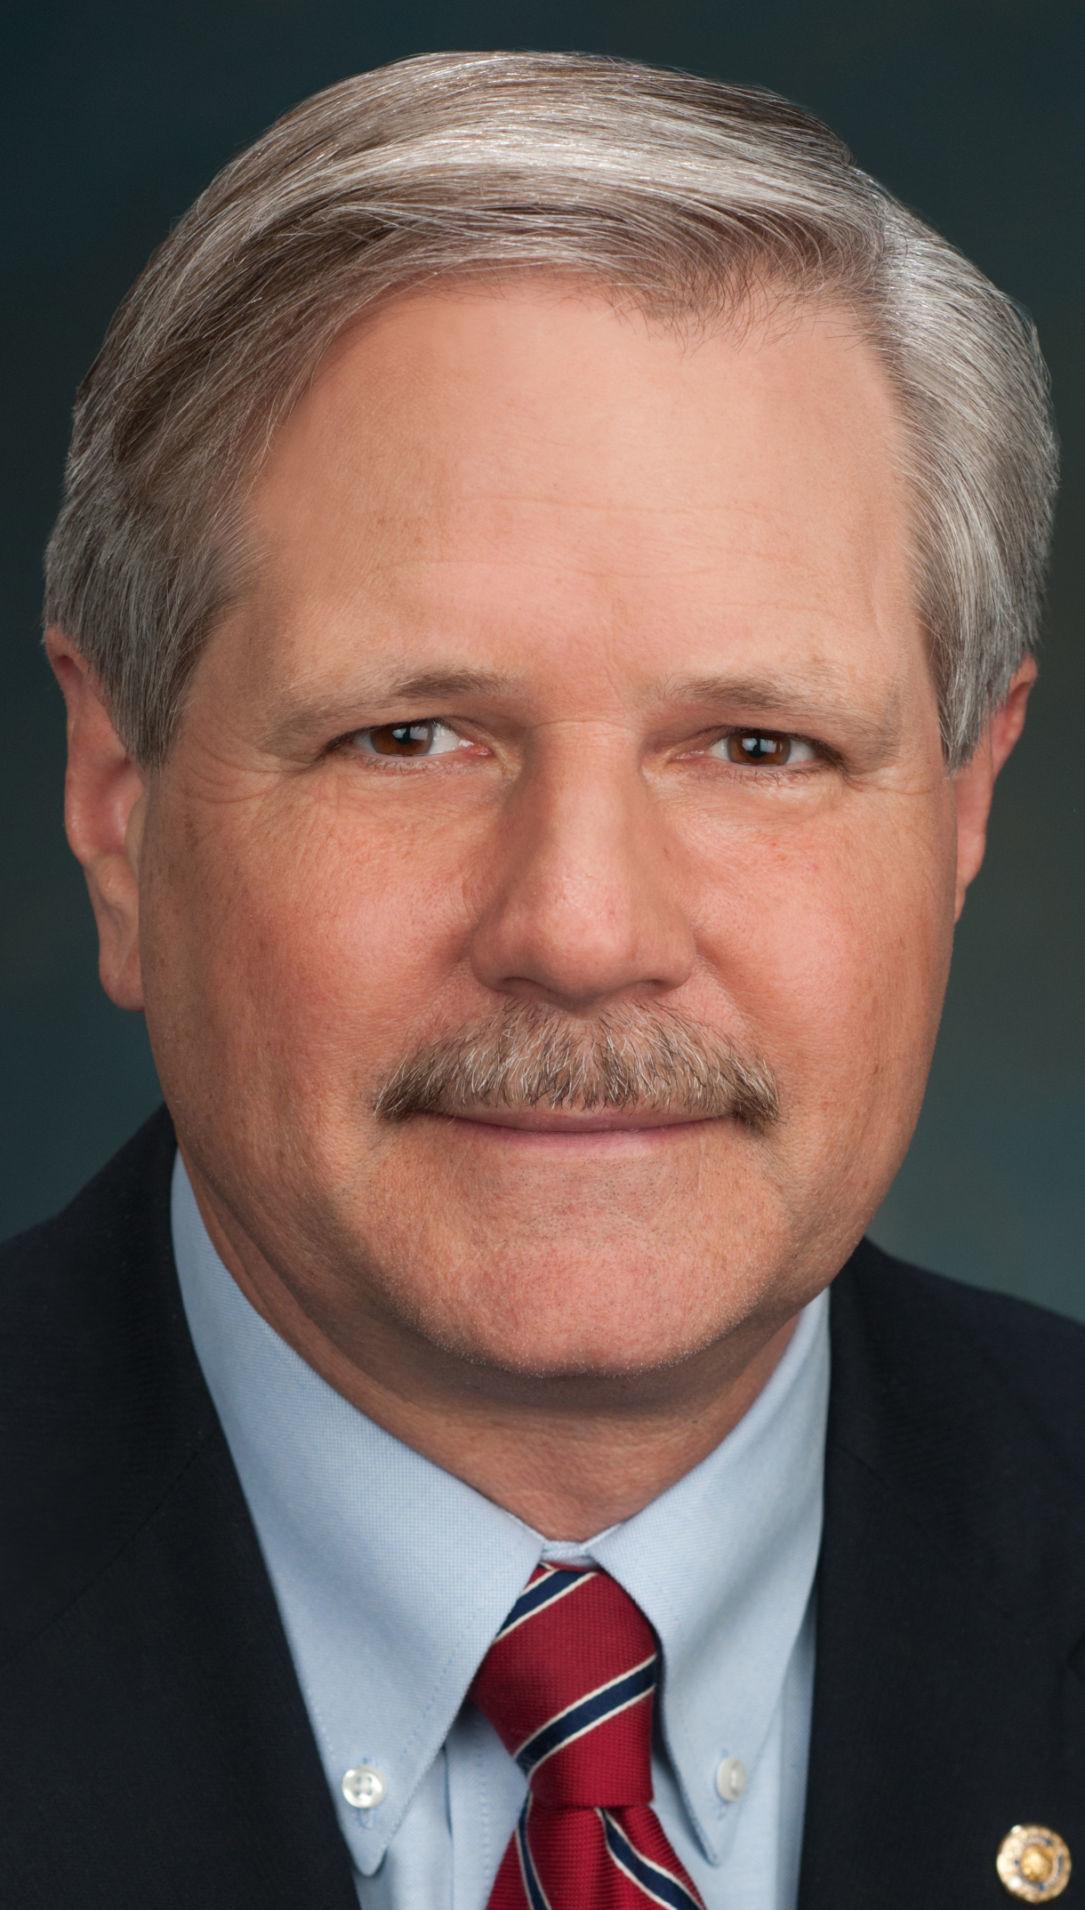 John Hoeven